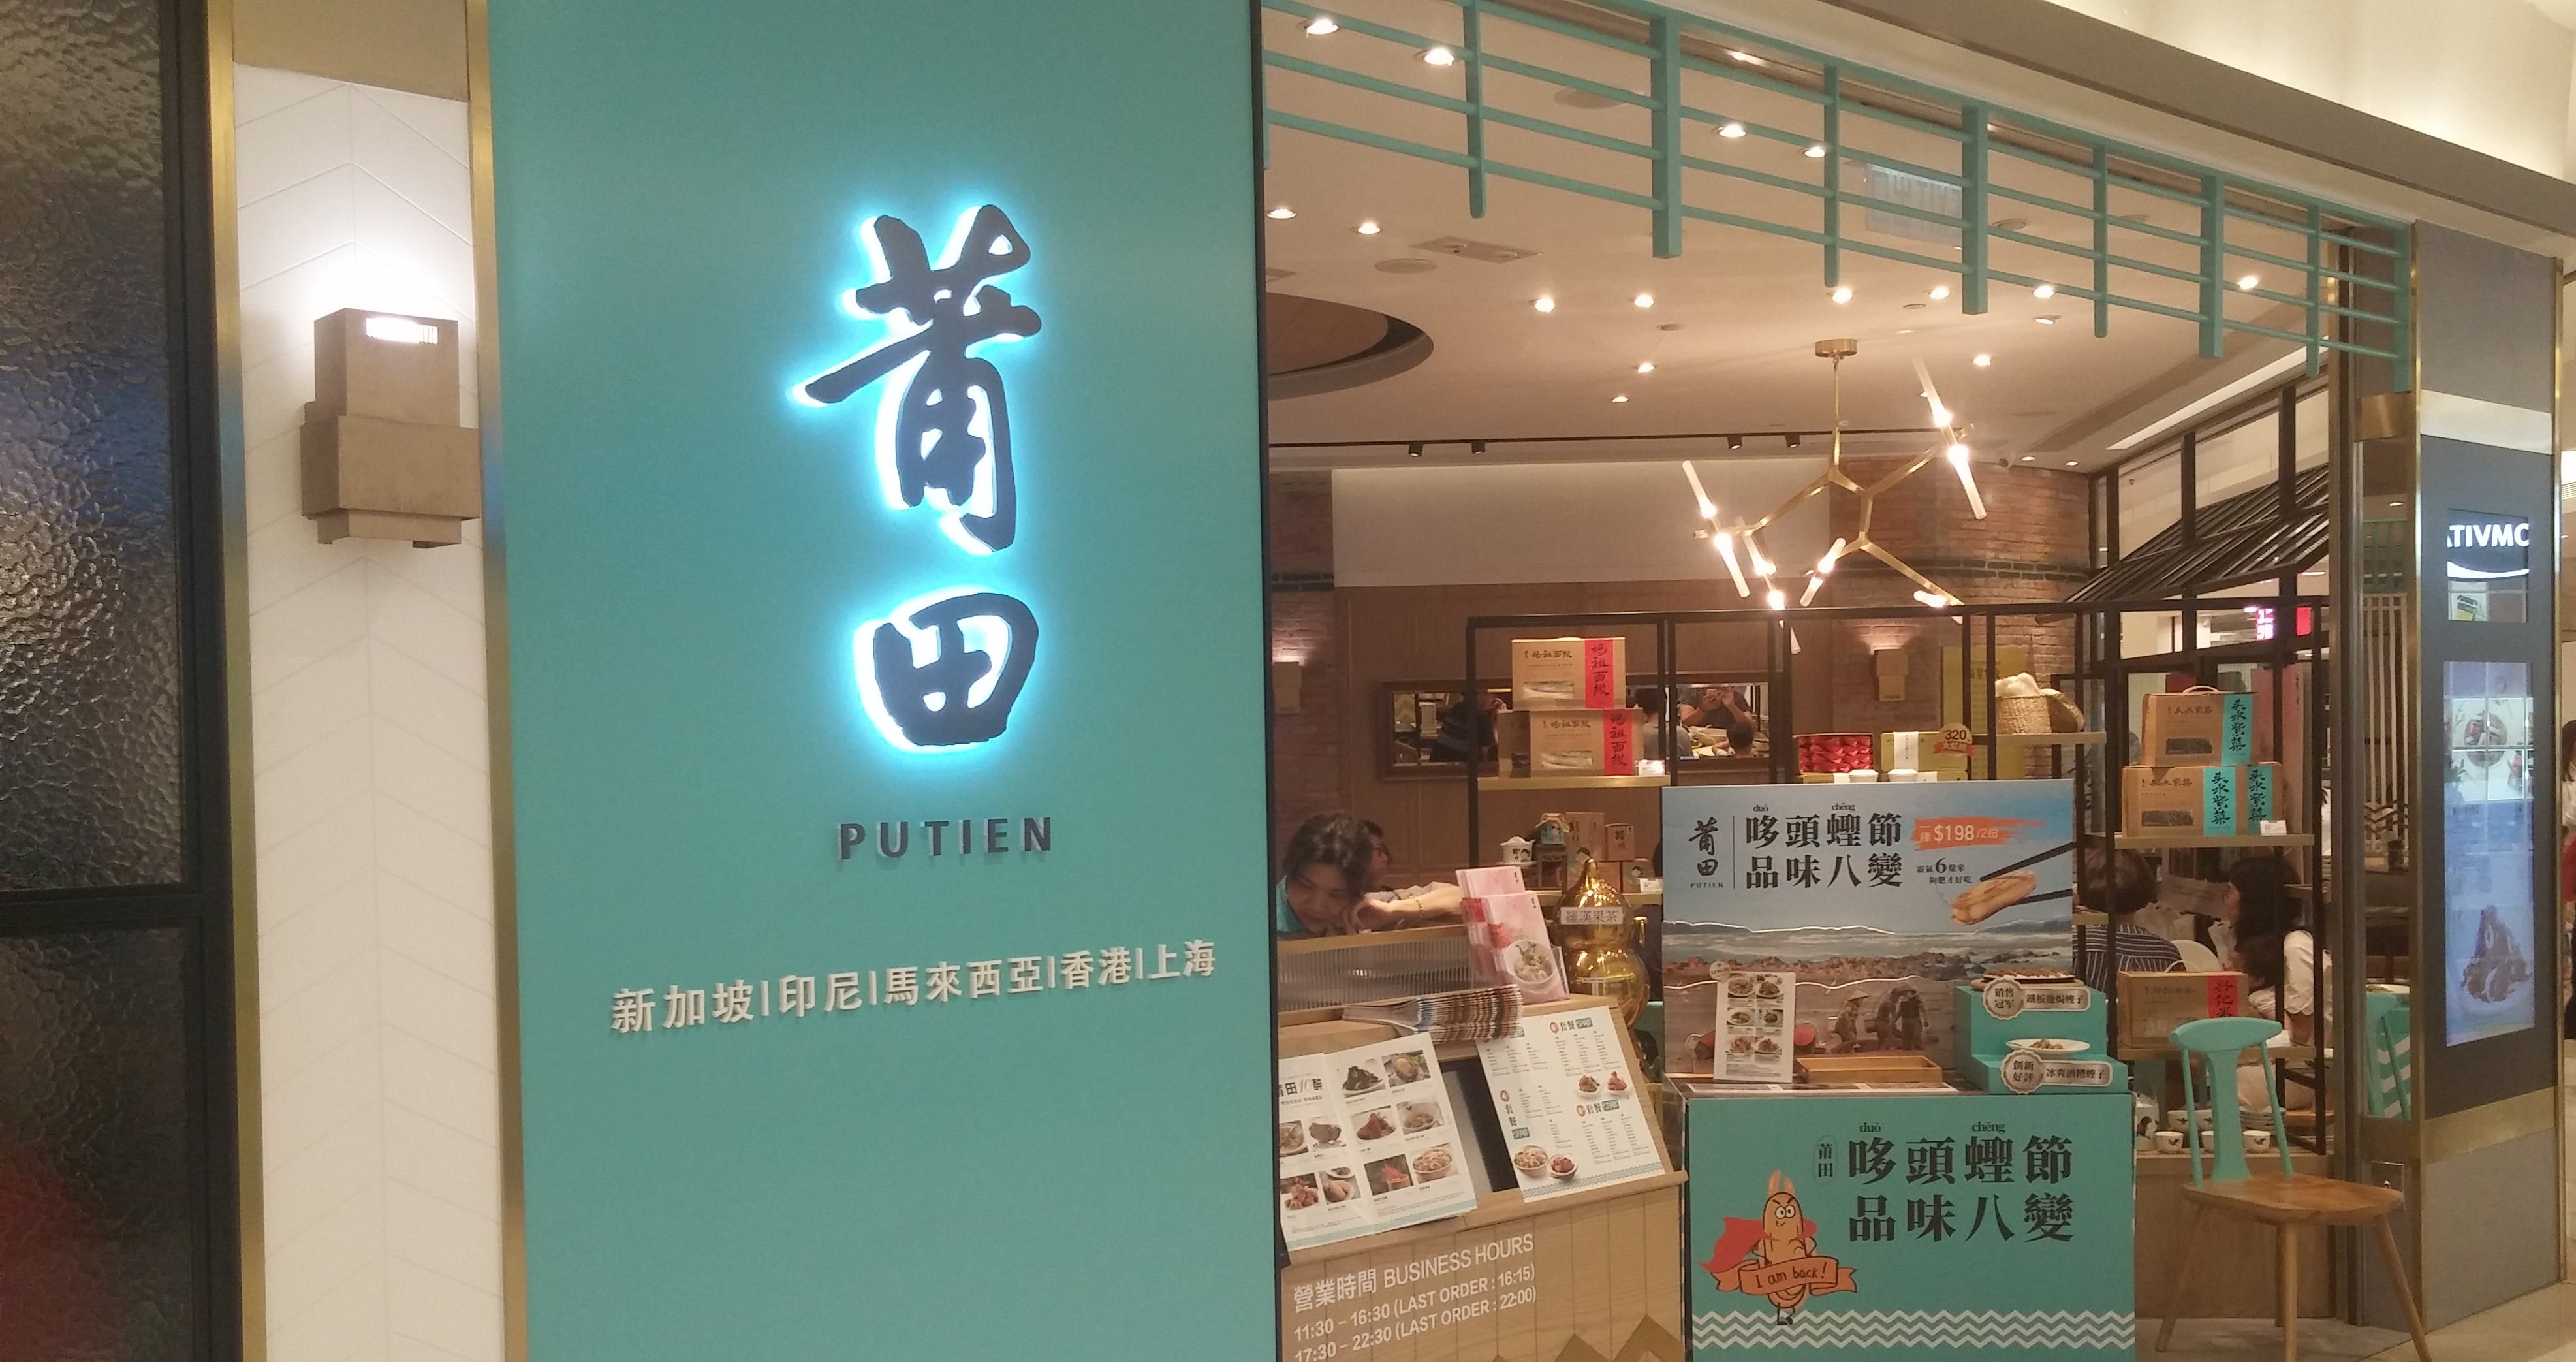 PUTIEN seafood restaurant at Tseung Kwan O